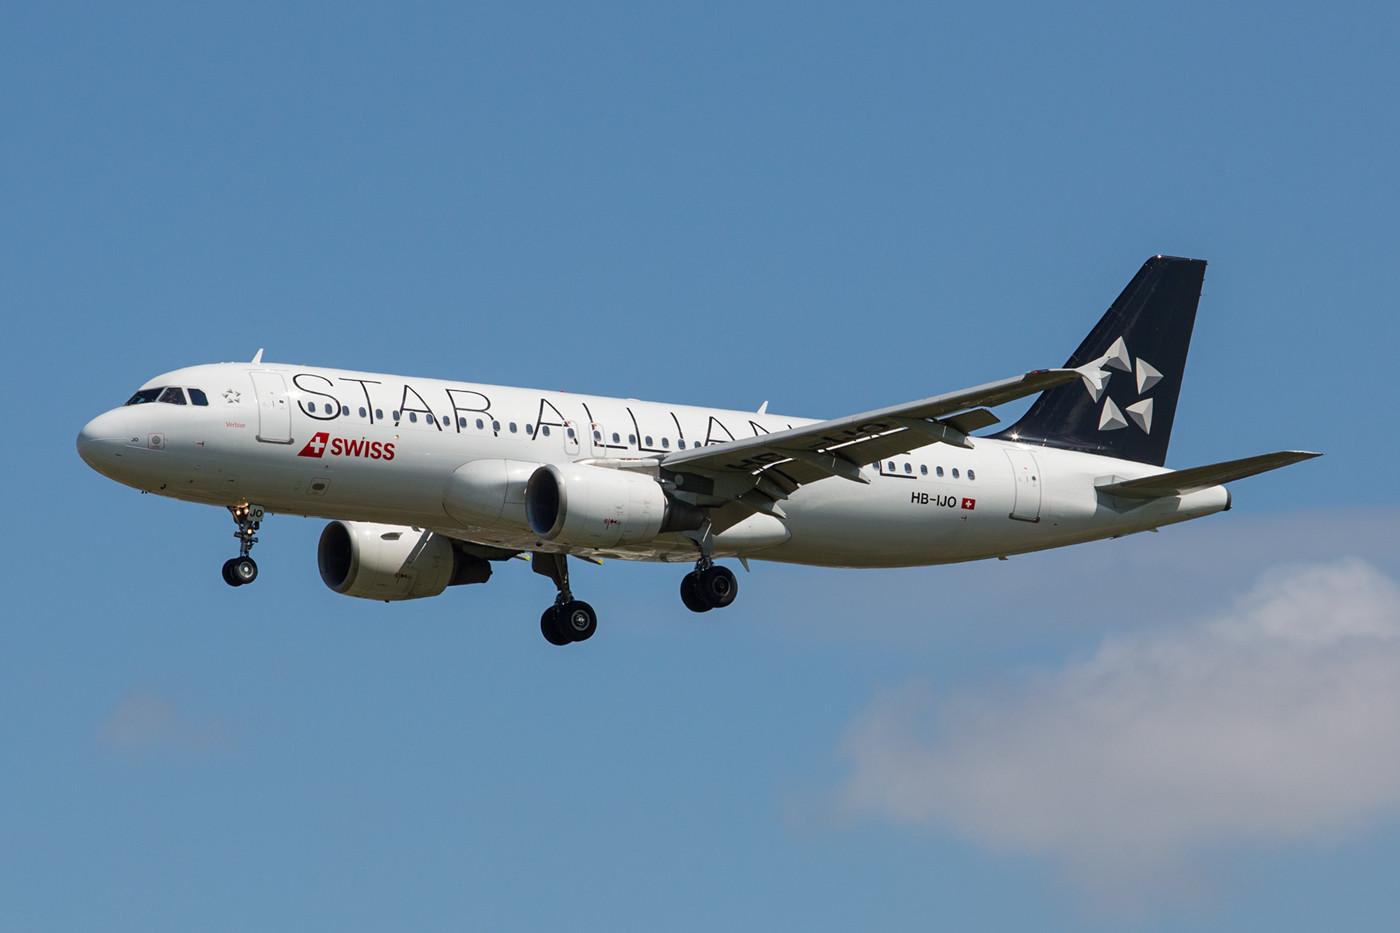 Einer von zwei A320 der Swiss in den Farben der STAR ALLIANCE ist die HB-IJO.